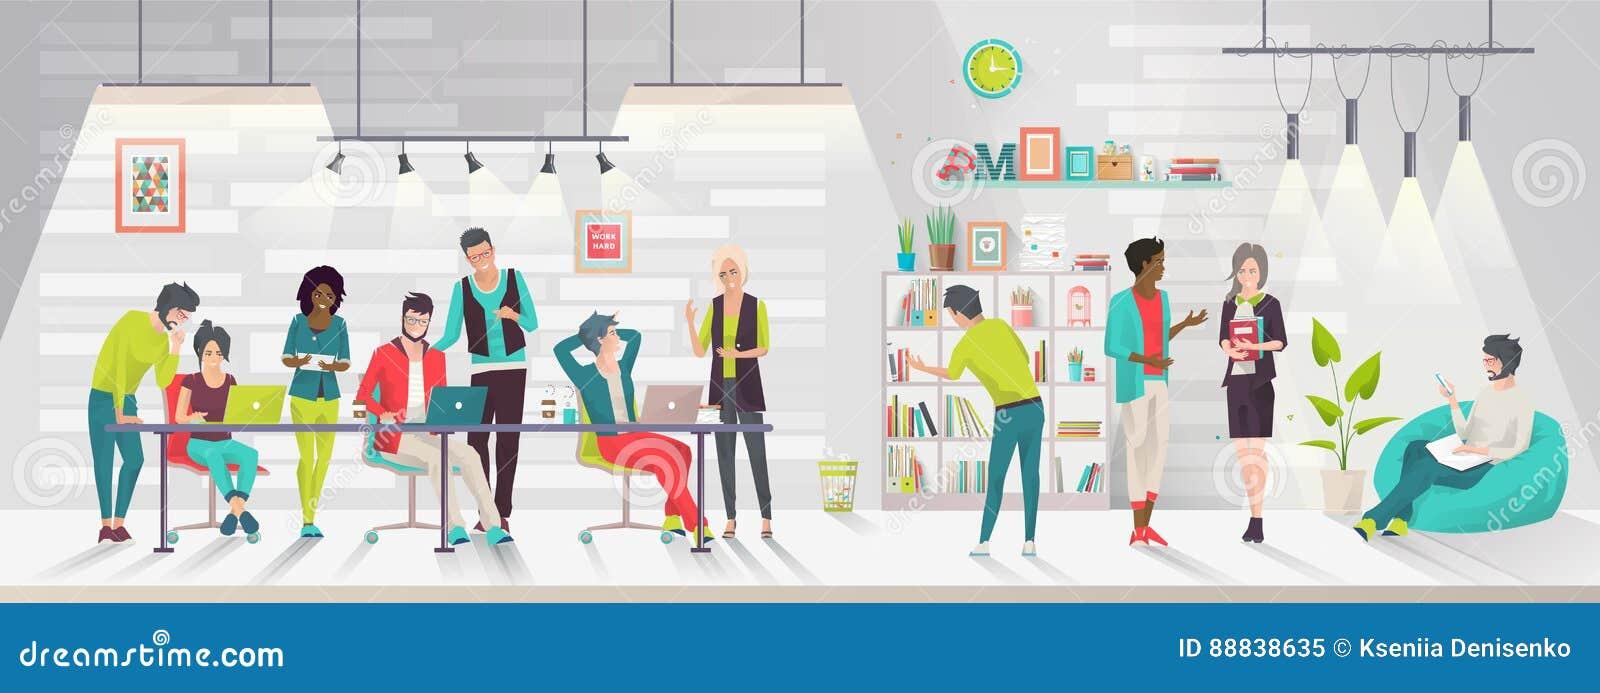 Concept het coworking centrum